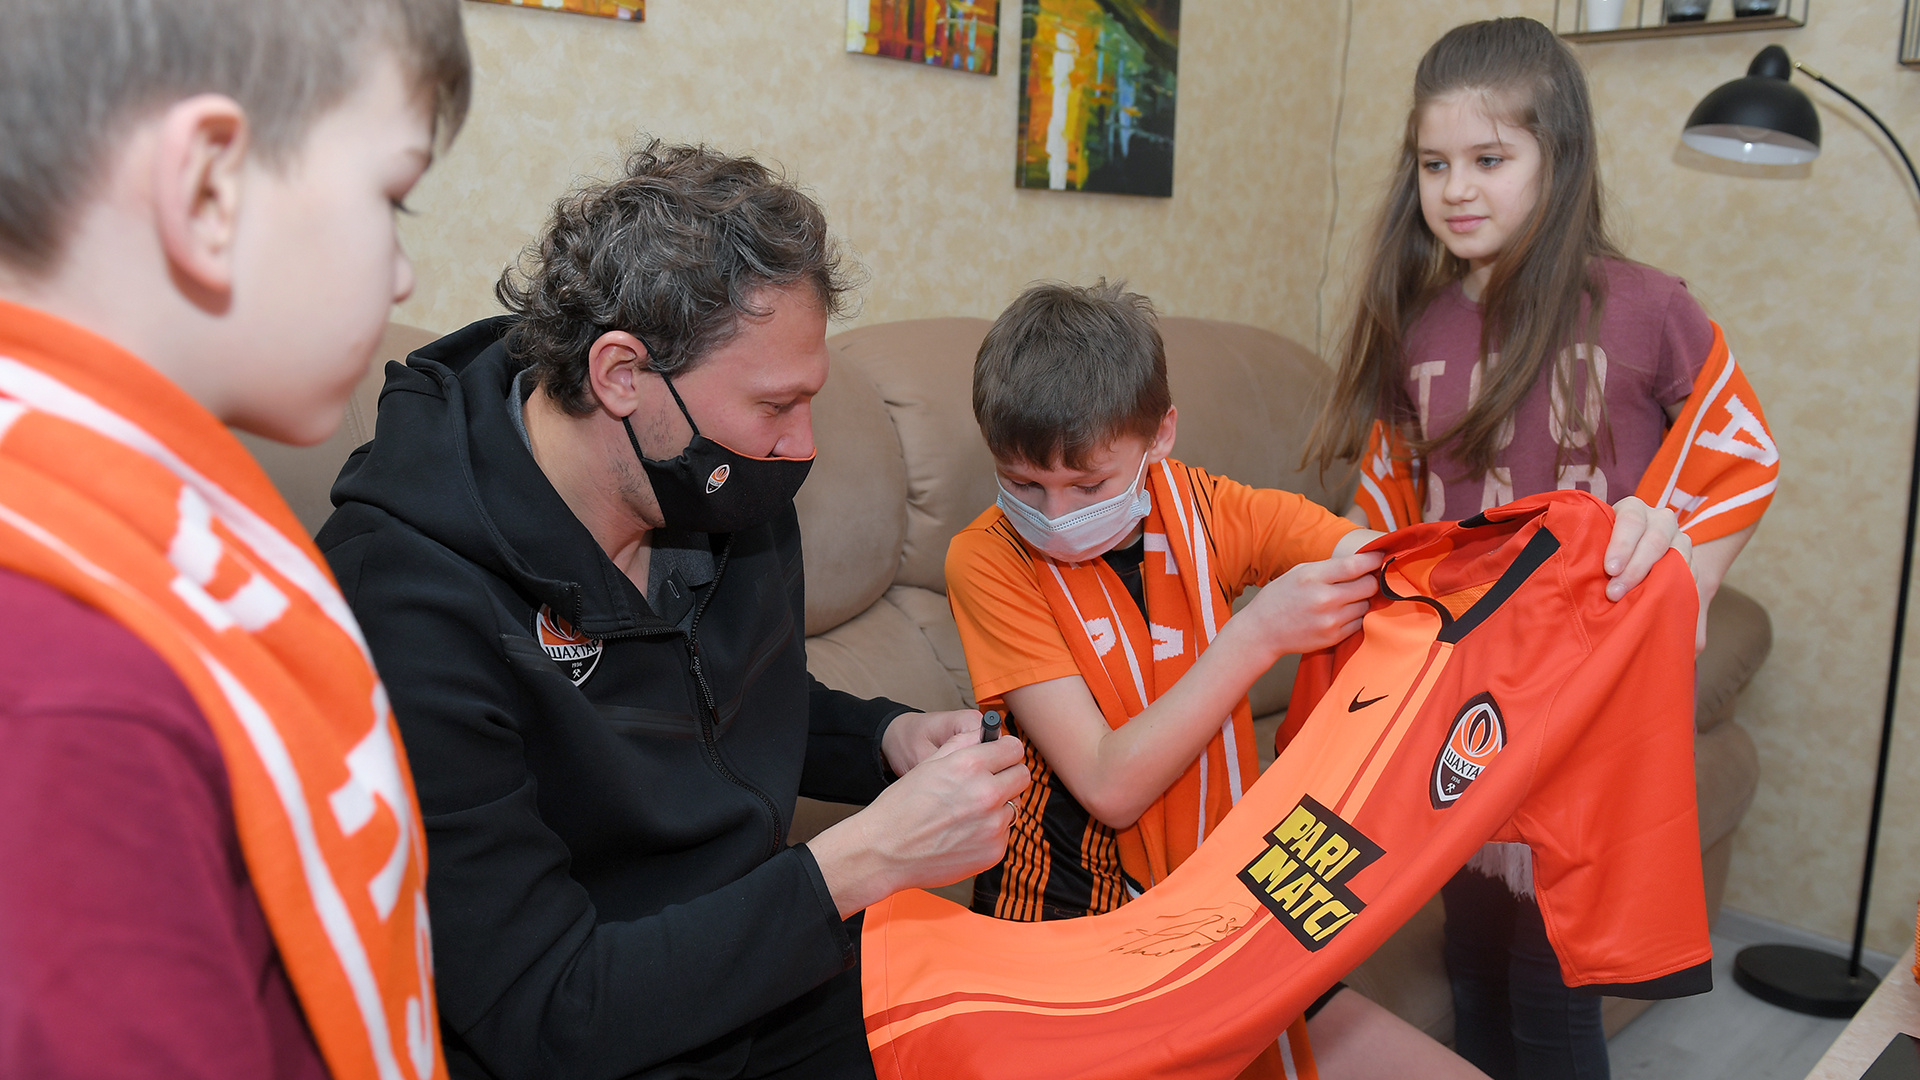 Вратарь Шахтера осчастливил 11 маленьких фанатов из детского дома в Полтаве